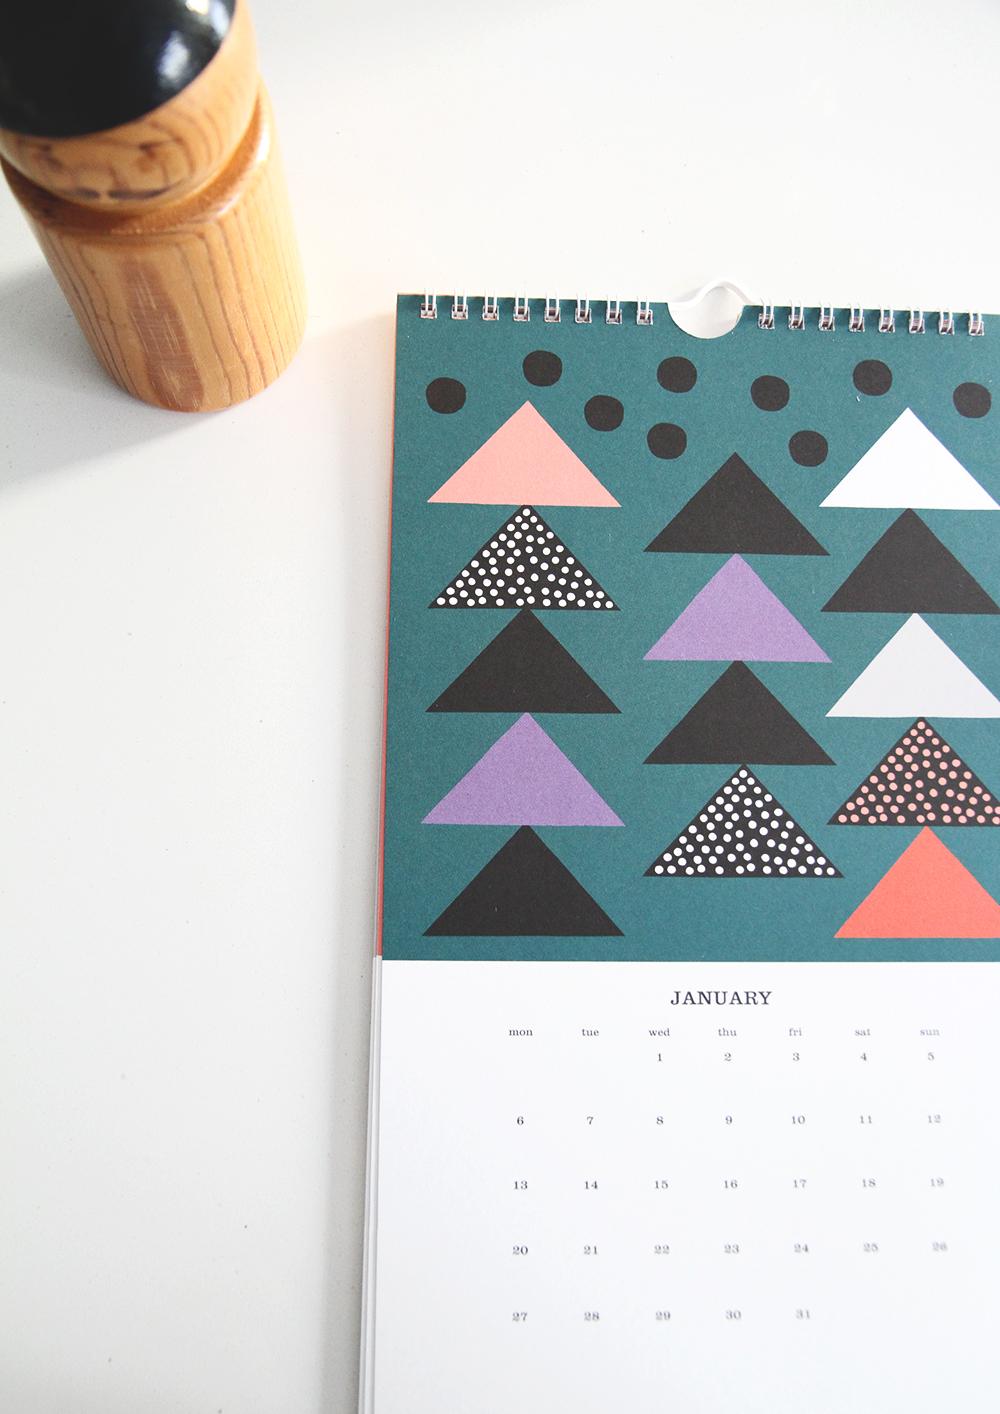 kauniste kalenteri 2014 hunajaista sisustusblogi aarikka pippurisirotin